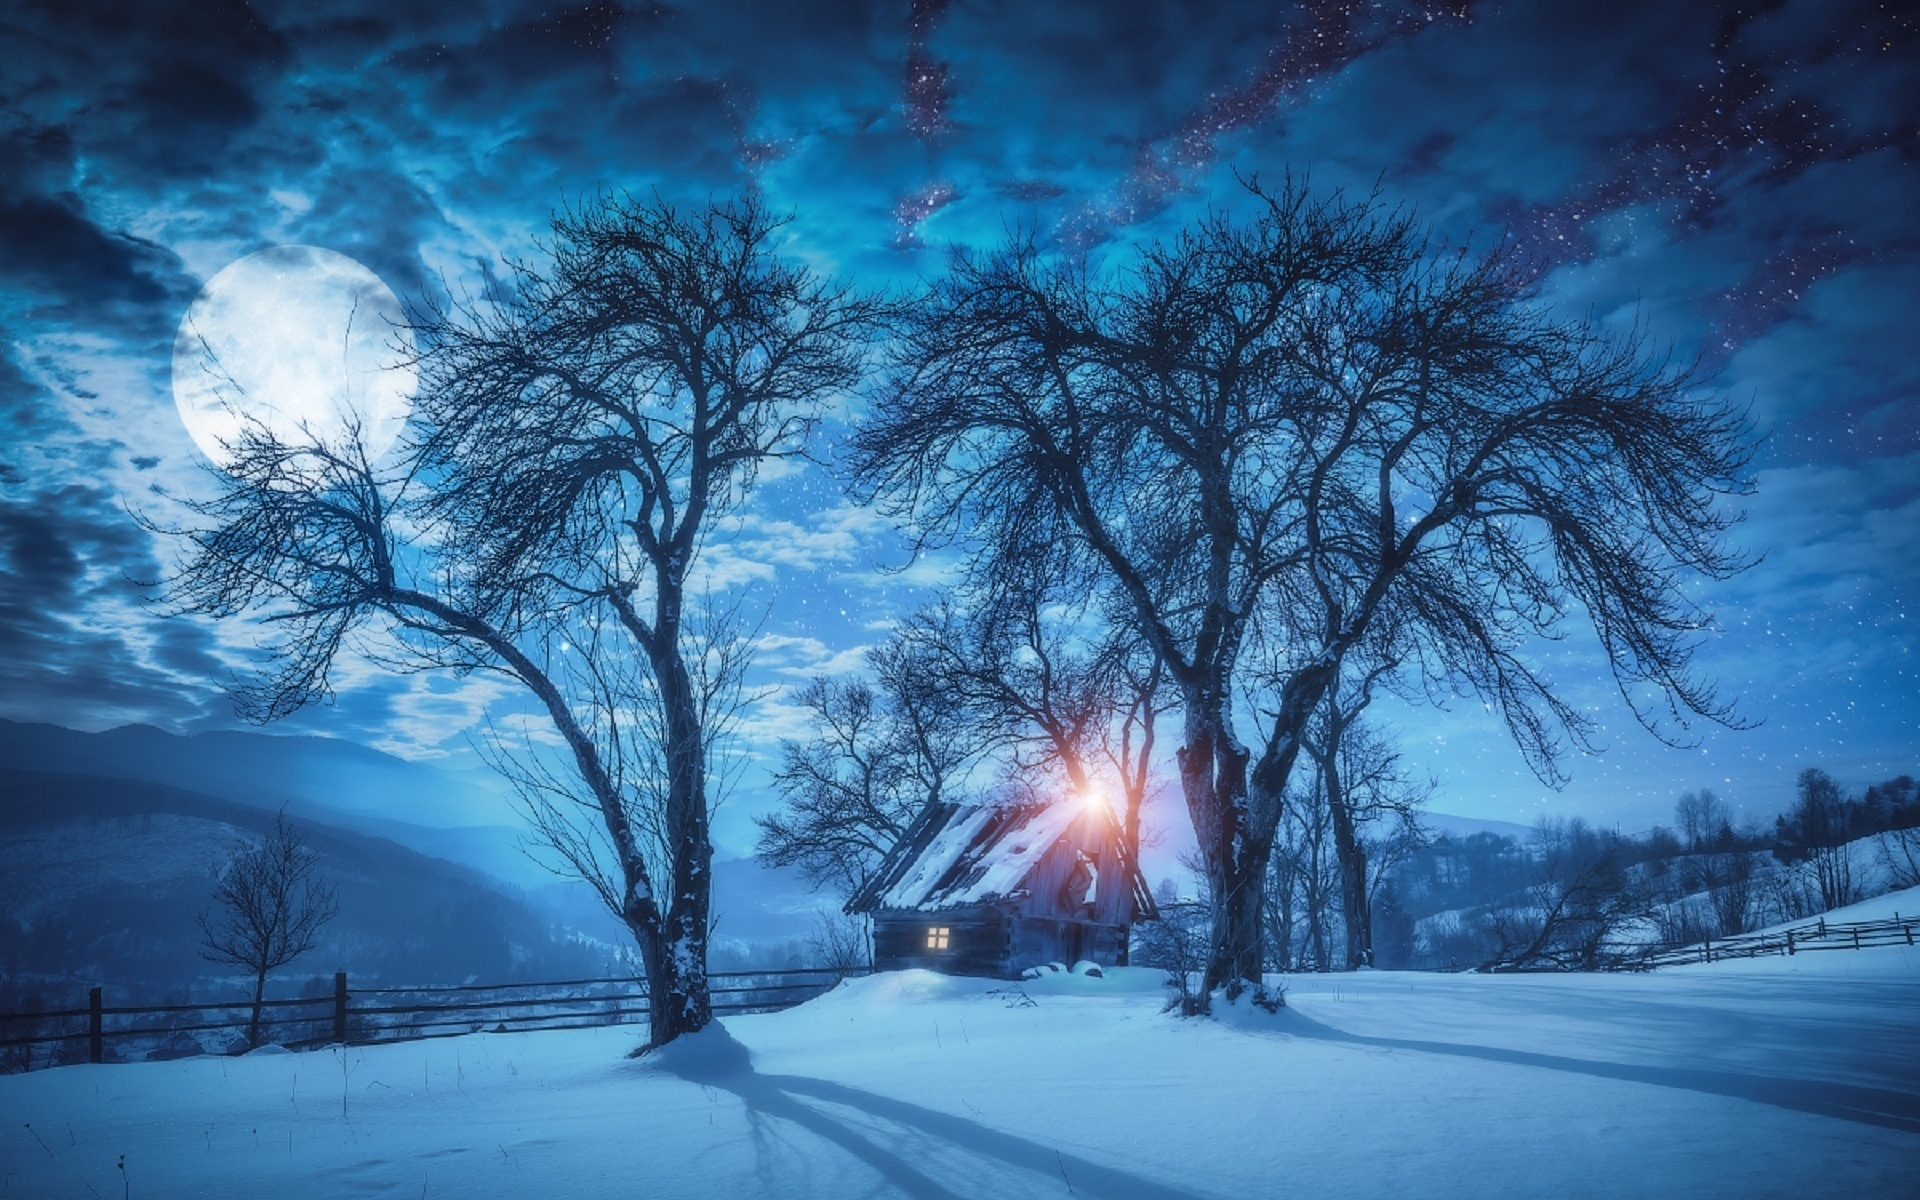 красивые картинки ночь зима снег были